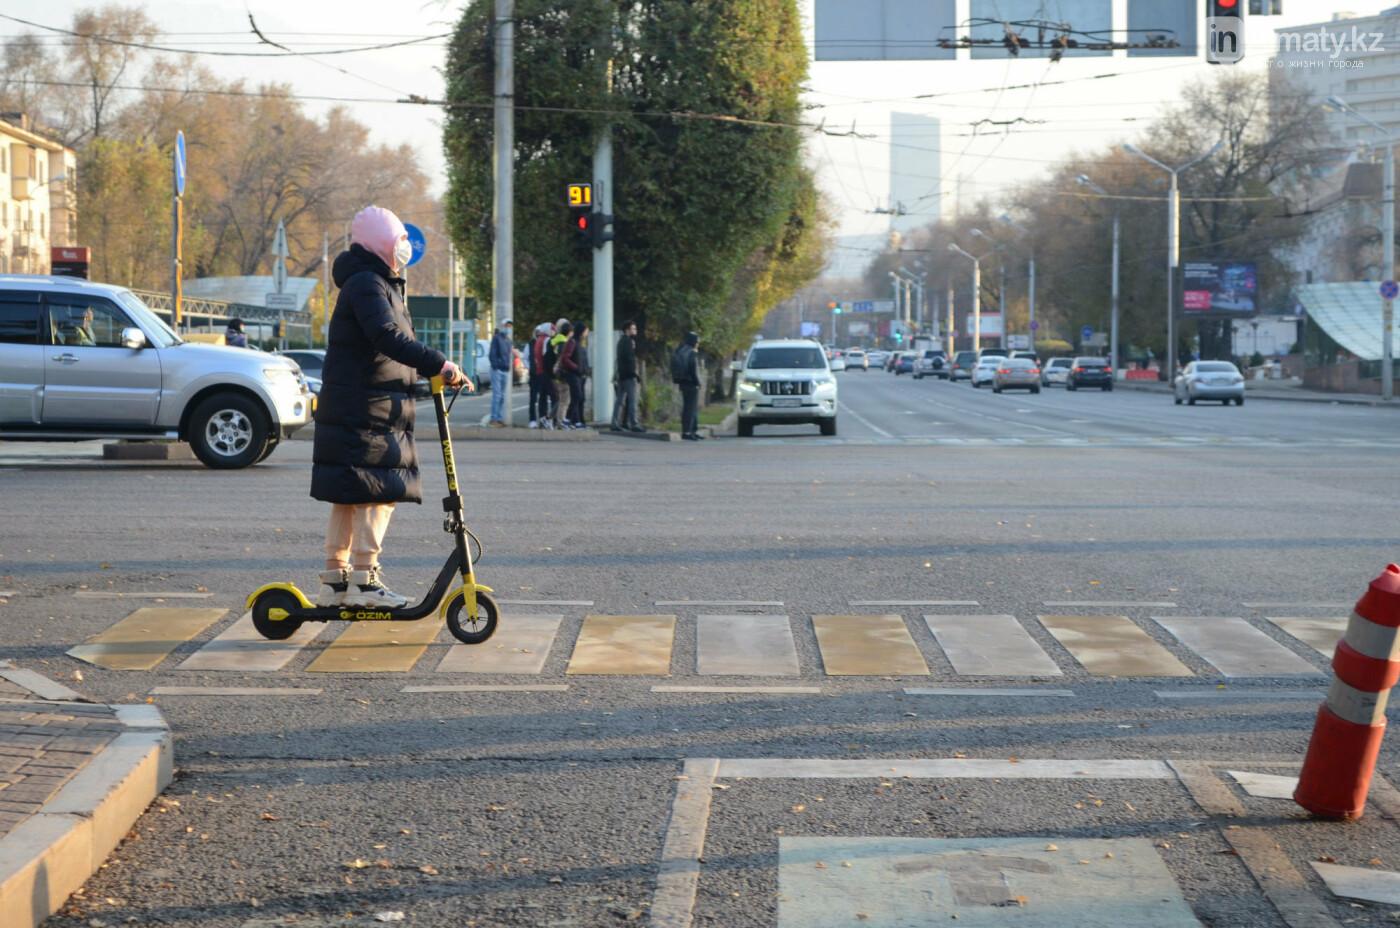 Передвижение по пешеходному переходу, inAlmaty.kz